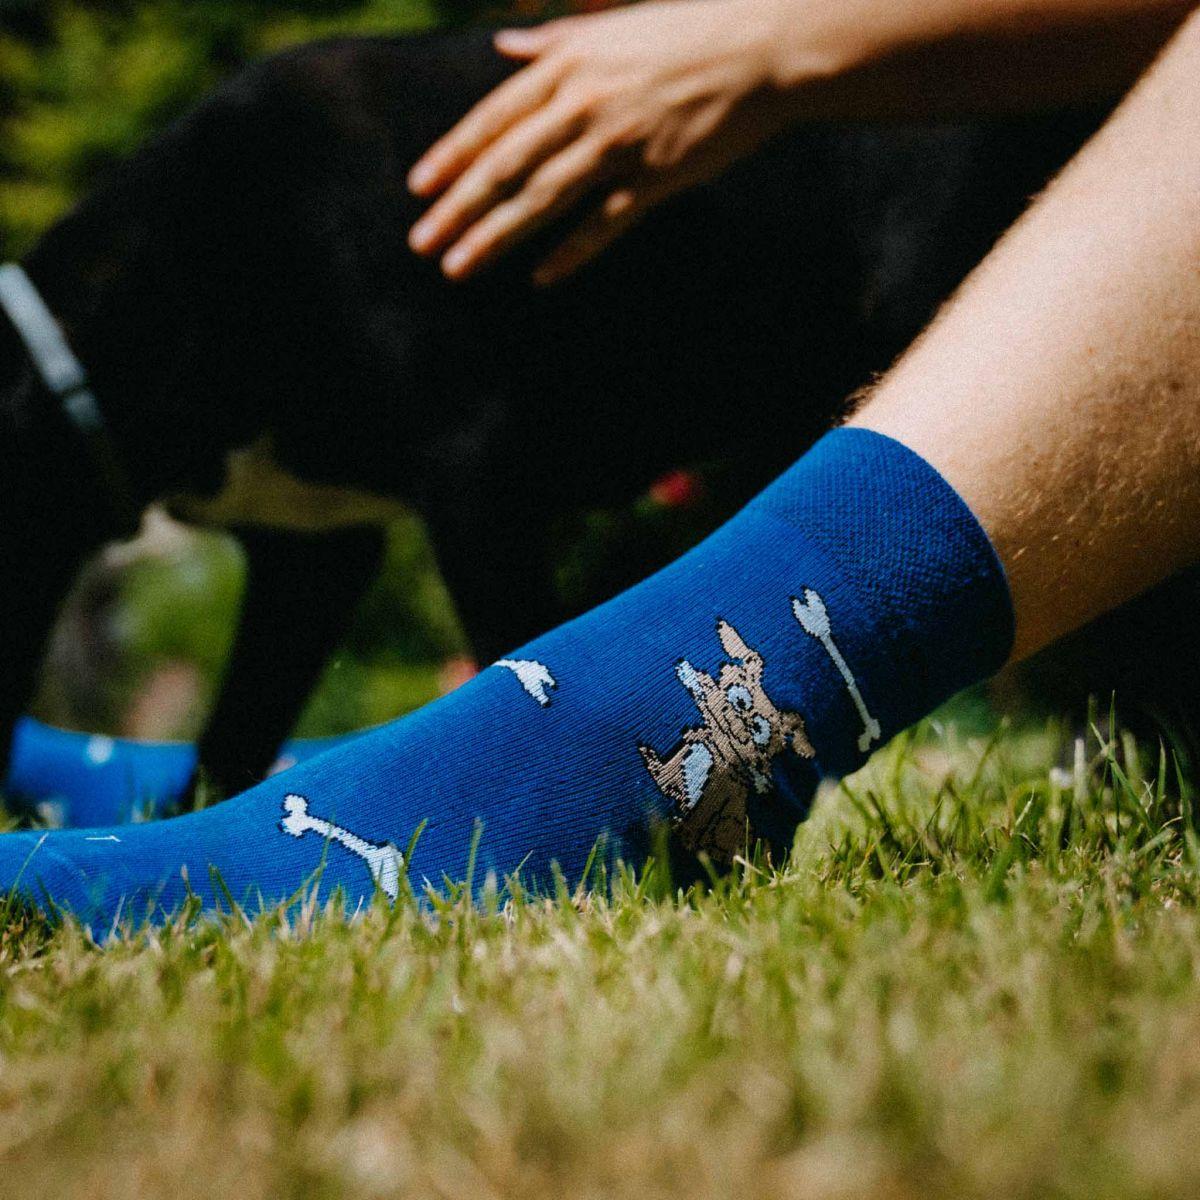 Șosete - Câine p5